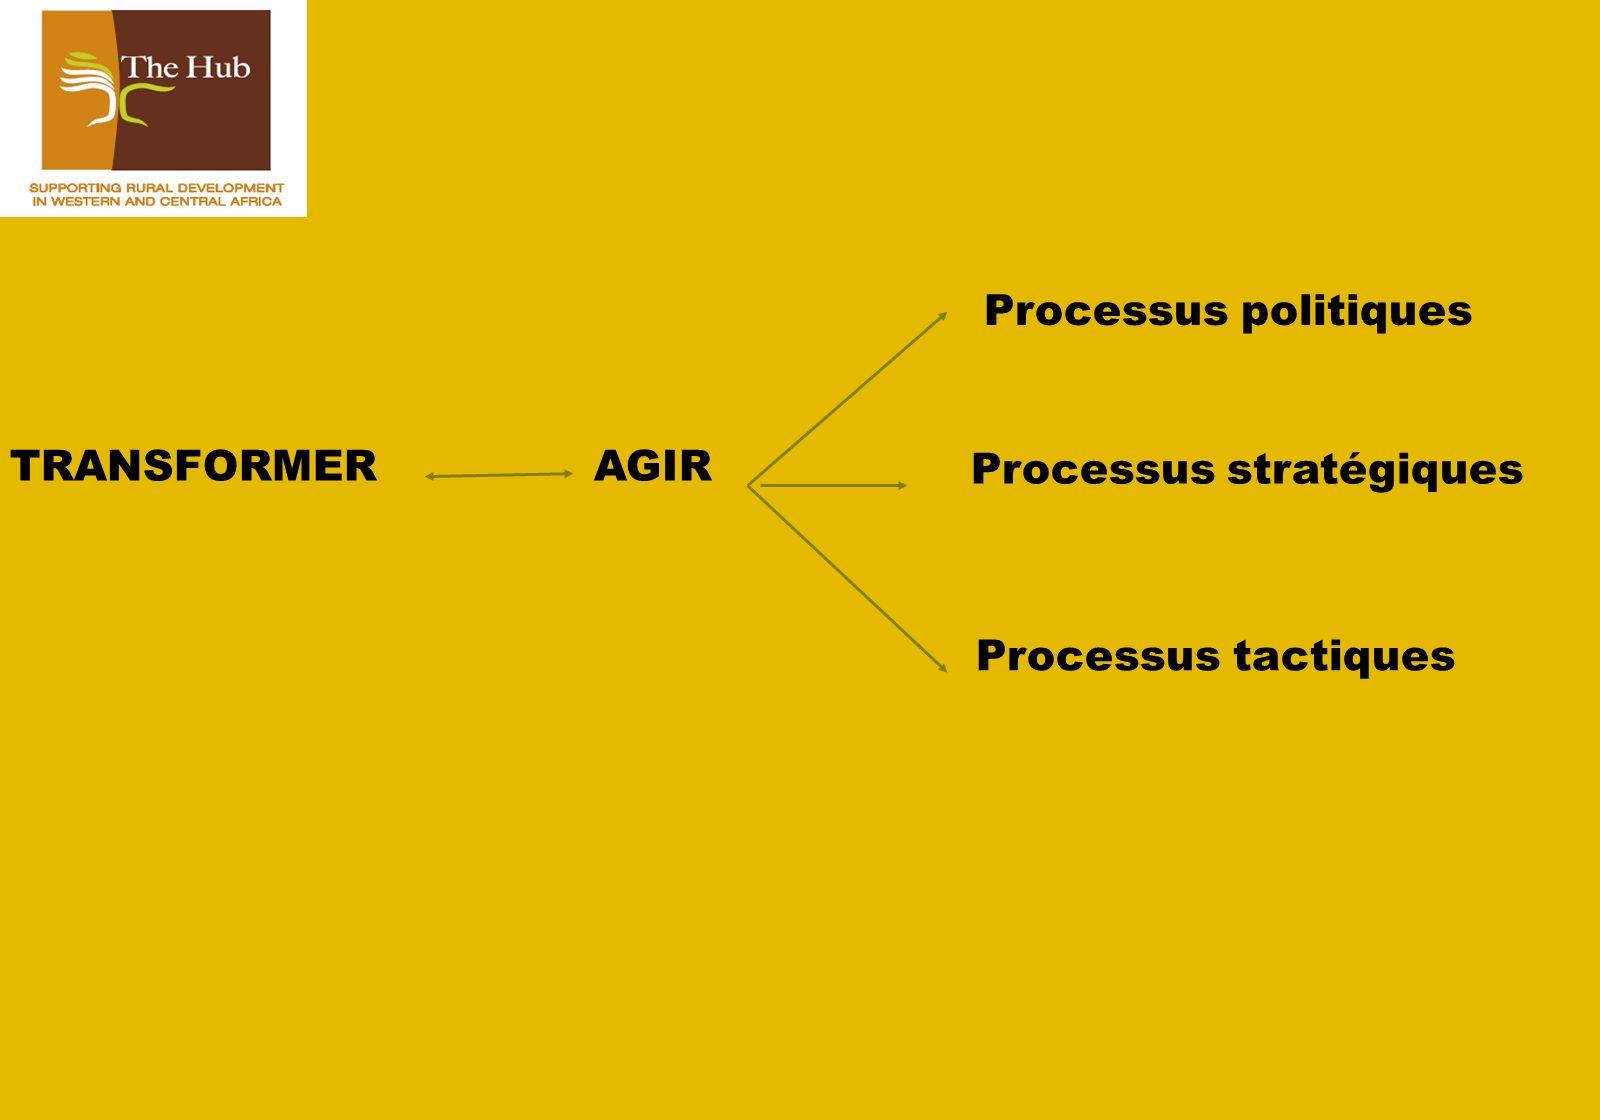 TRANSFORMERAGIR Processus politiques Processus stratégiques Processus tactiques